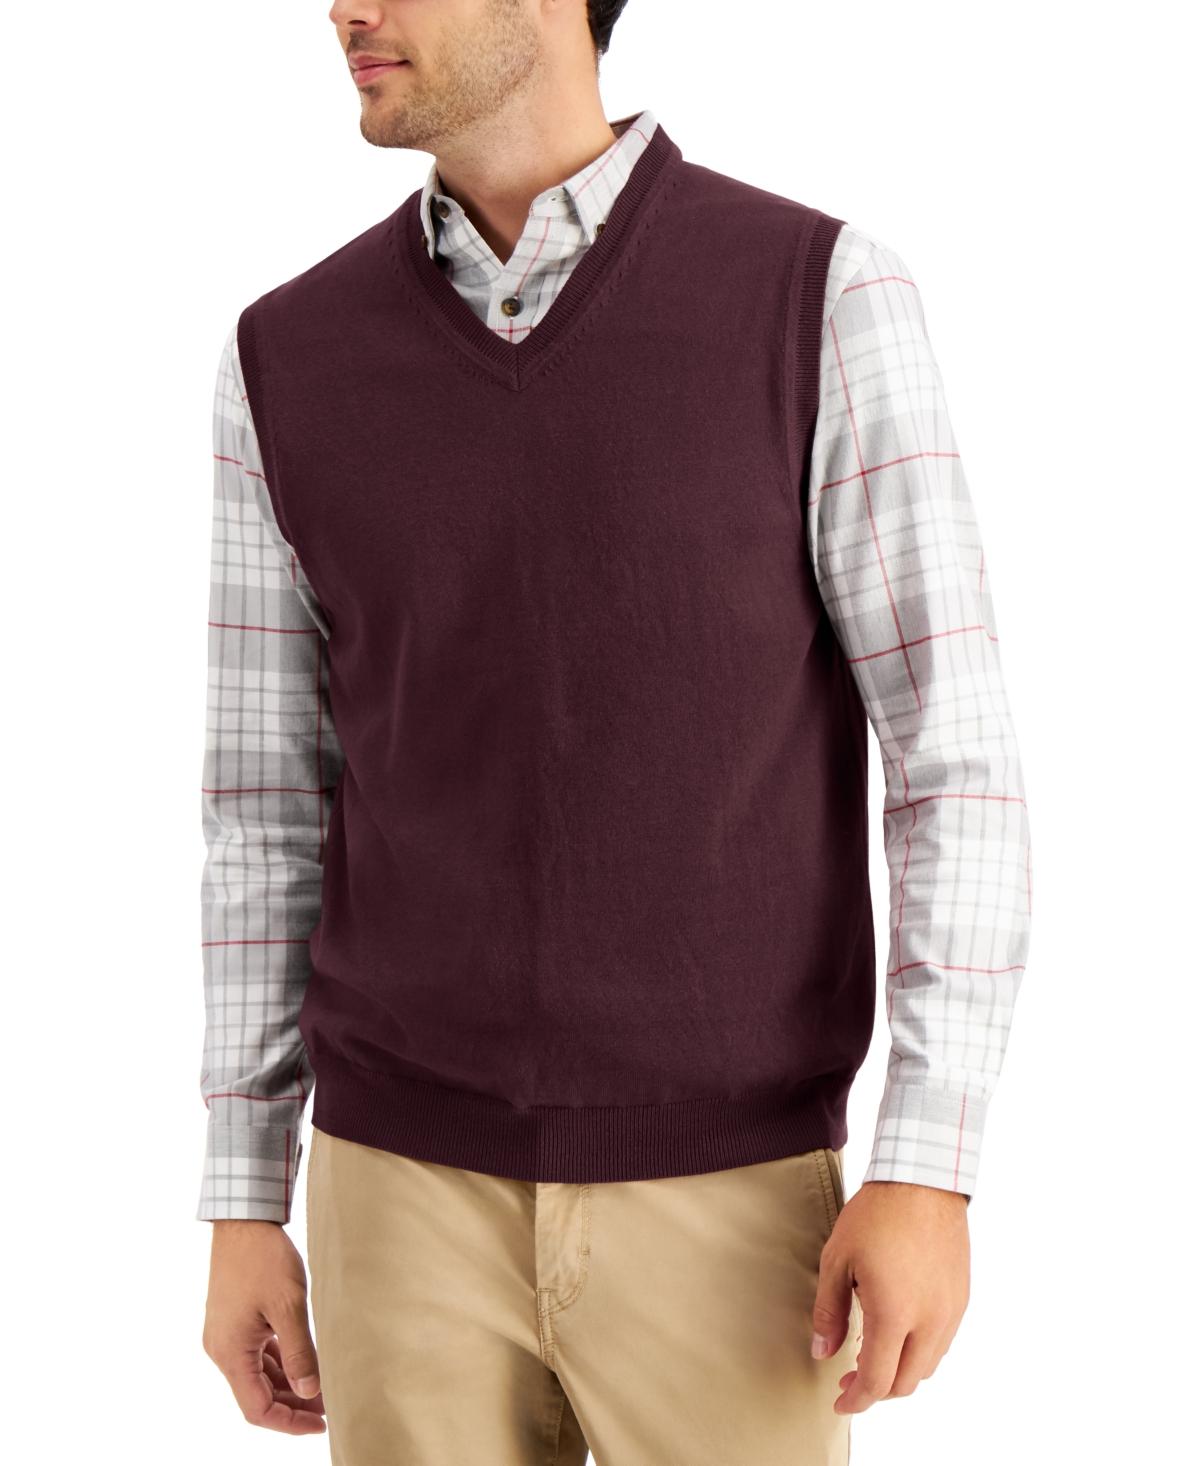 1940s Men's Clothing Club Room Mens Solid V-Neck Sweater Vest Created for Macys $16.93 AT vintagedancer.com